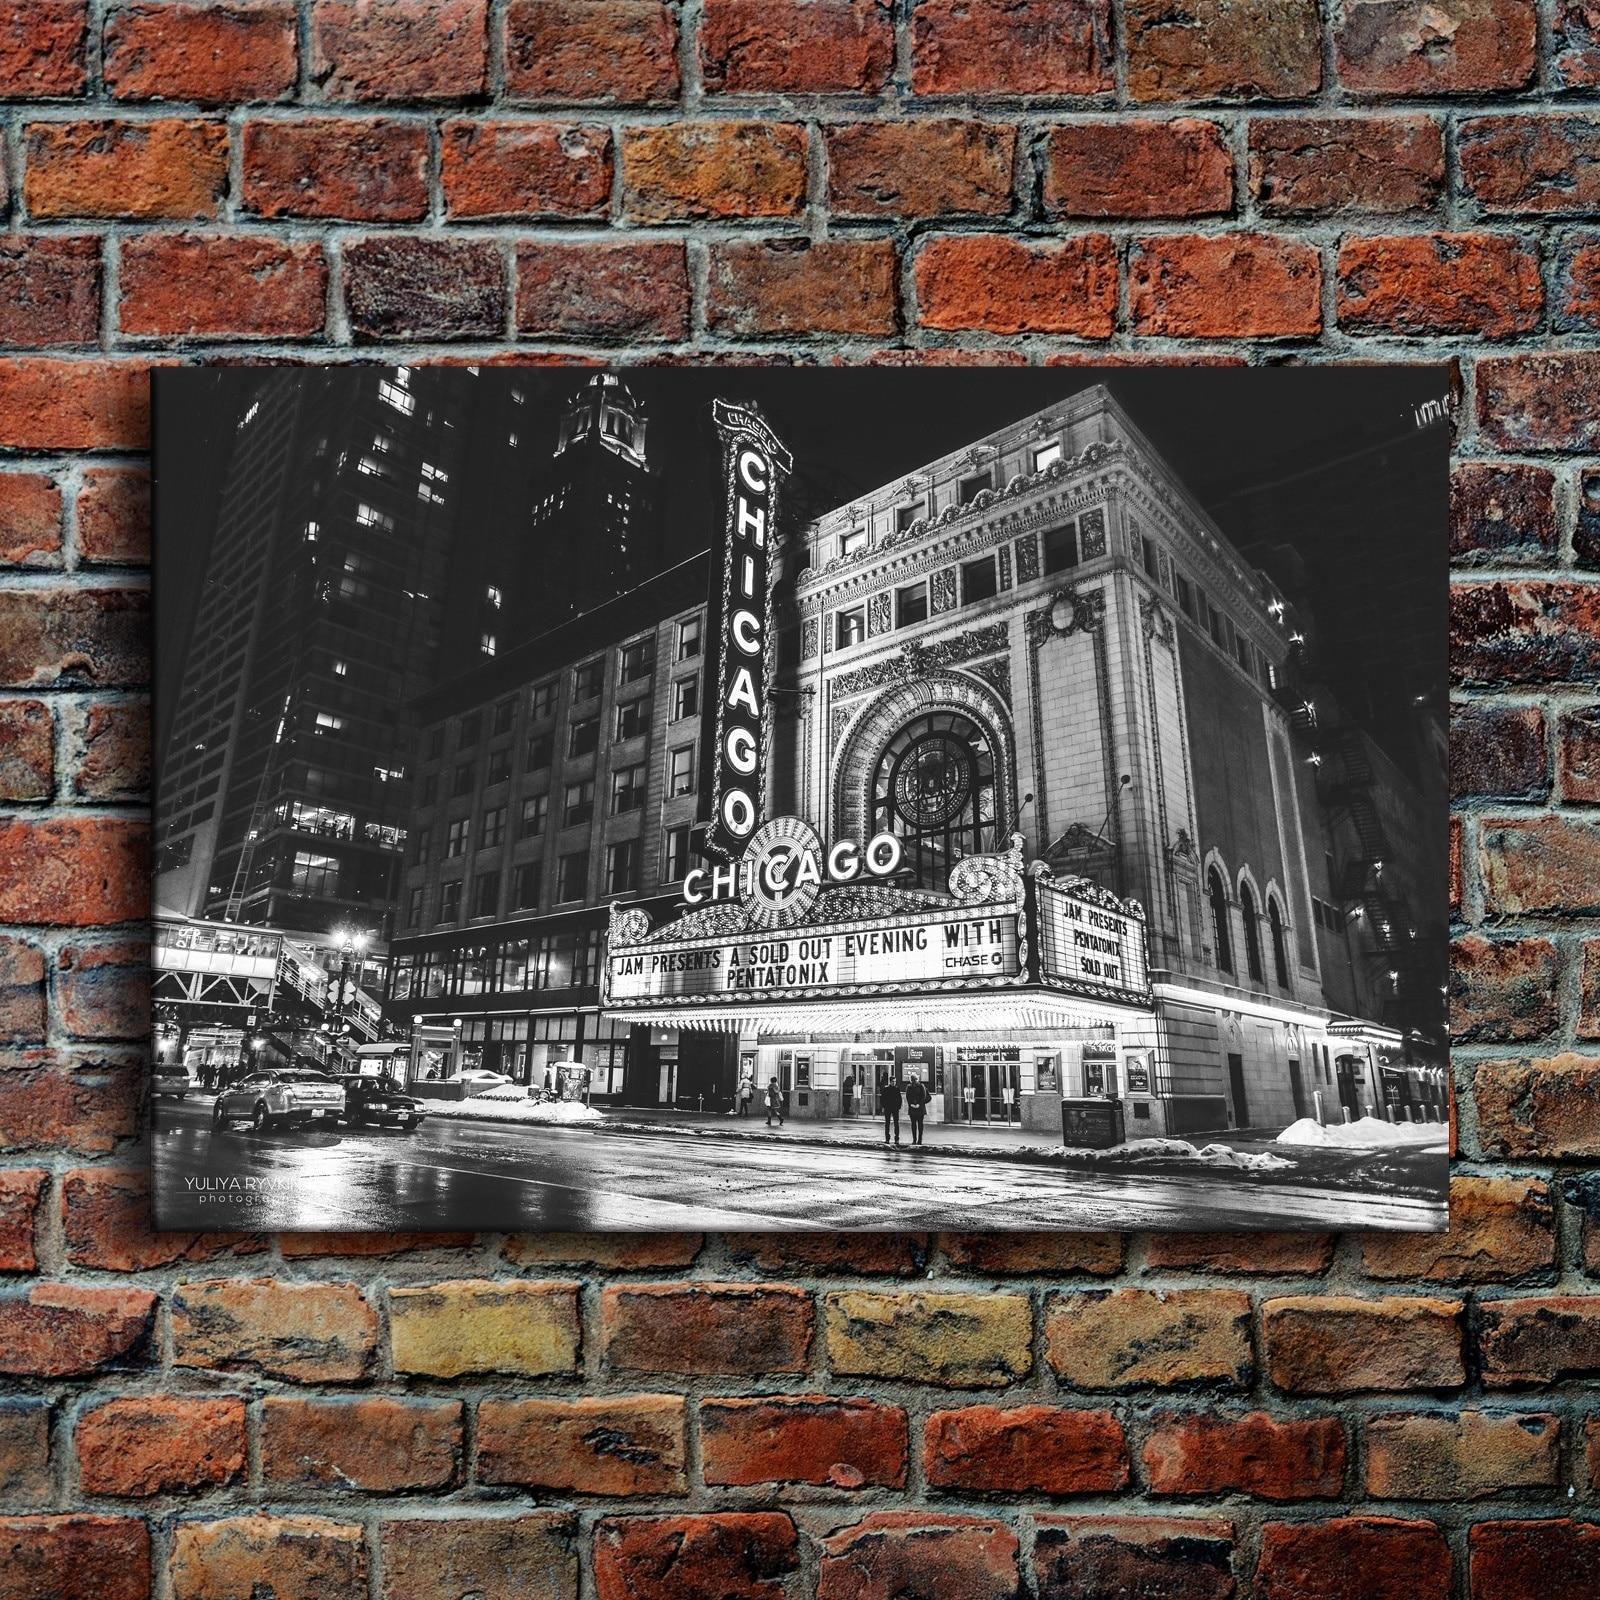 Lienzo pintura Oficina pared arte marco 1 pieza negro y blanco ciudad Retro imágenes impresiones habitación Chicago teatro póster hogar decoración